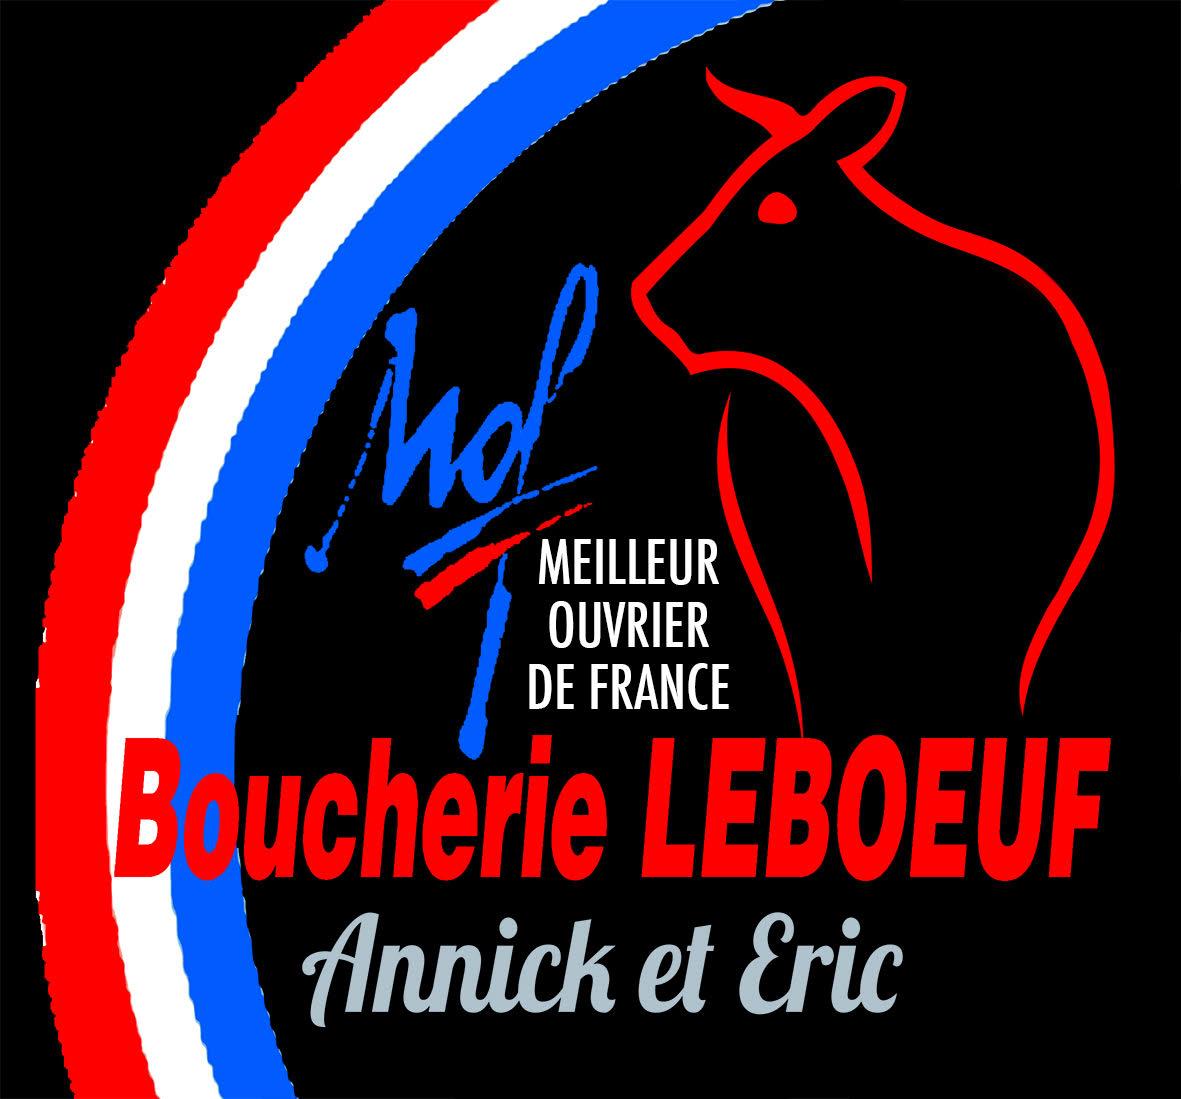 Boucherie Leboeuf